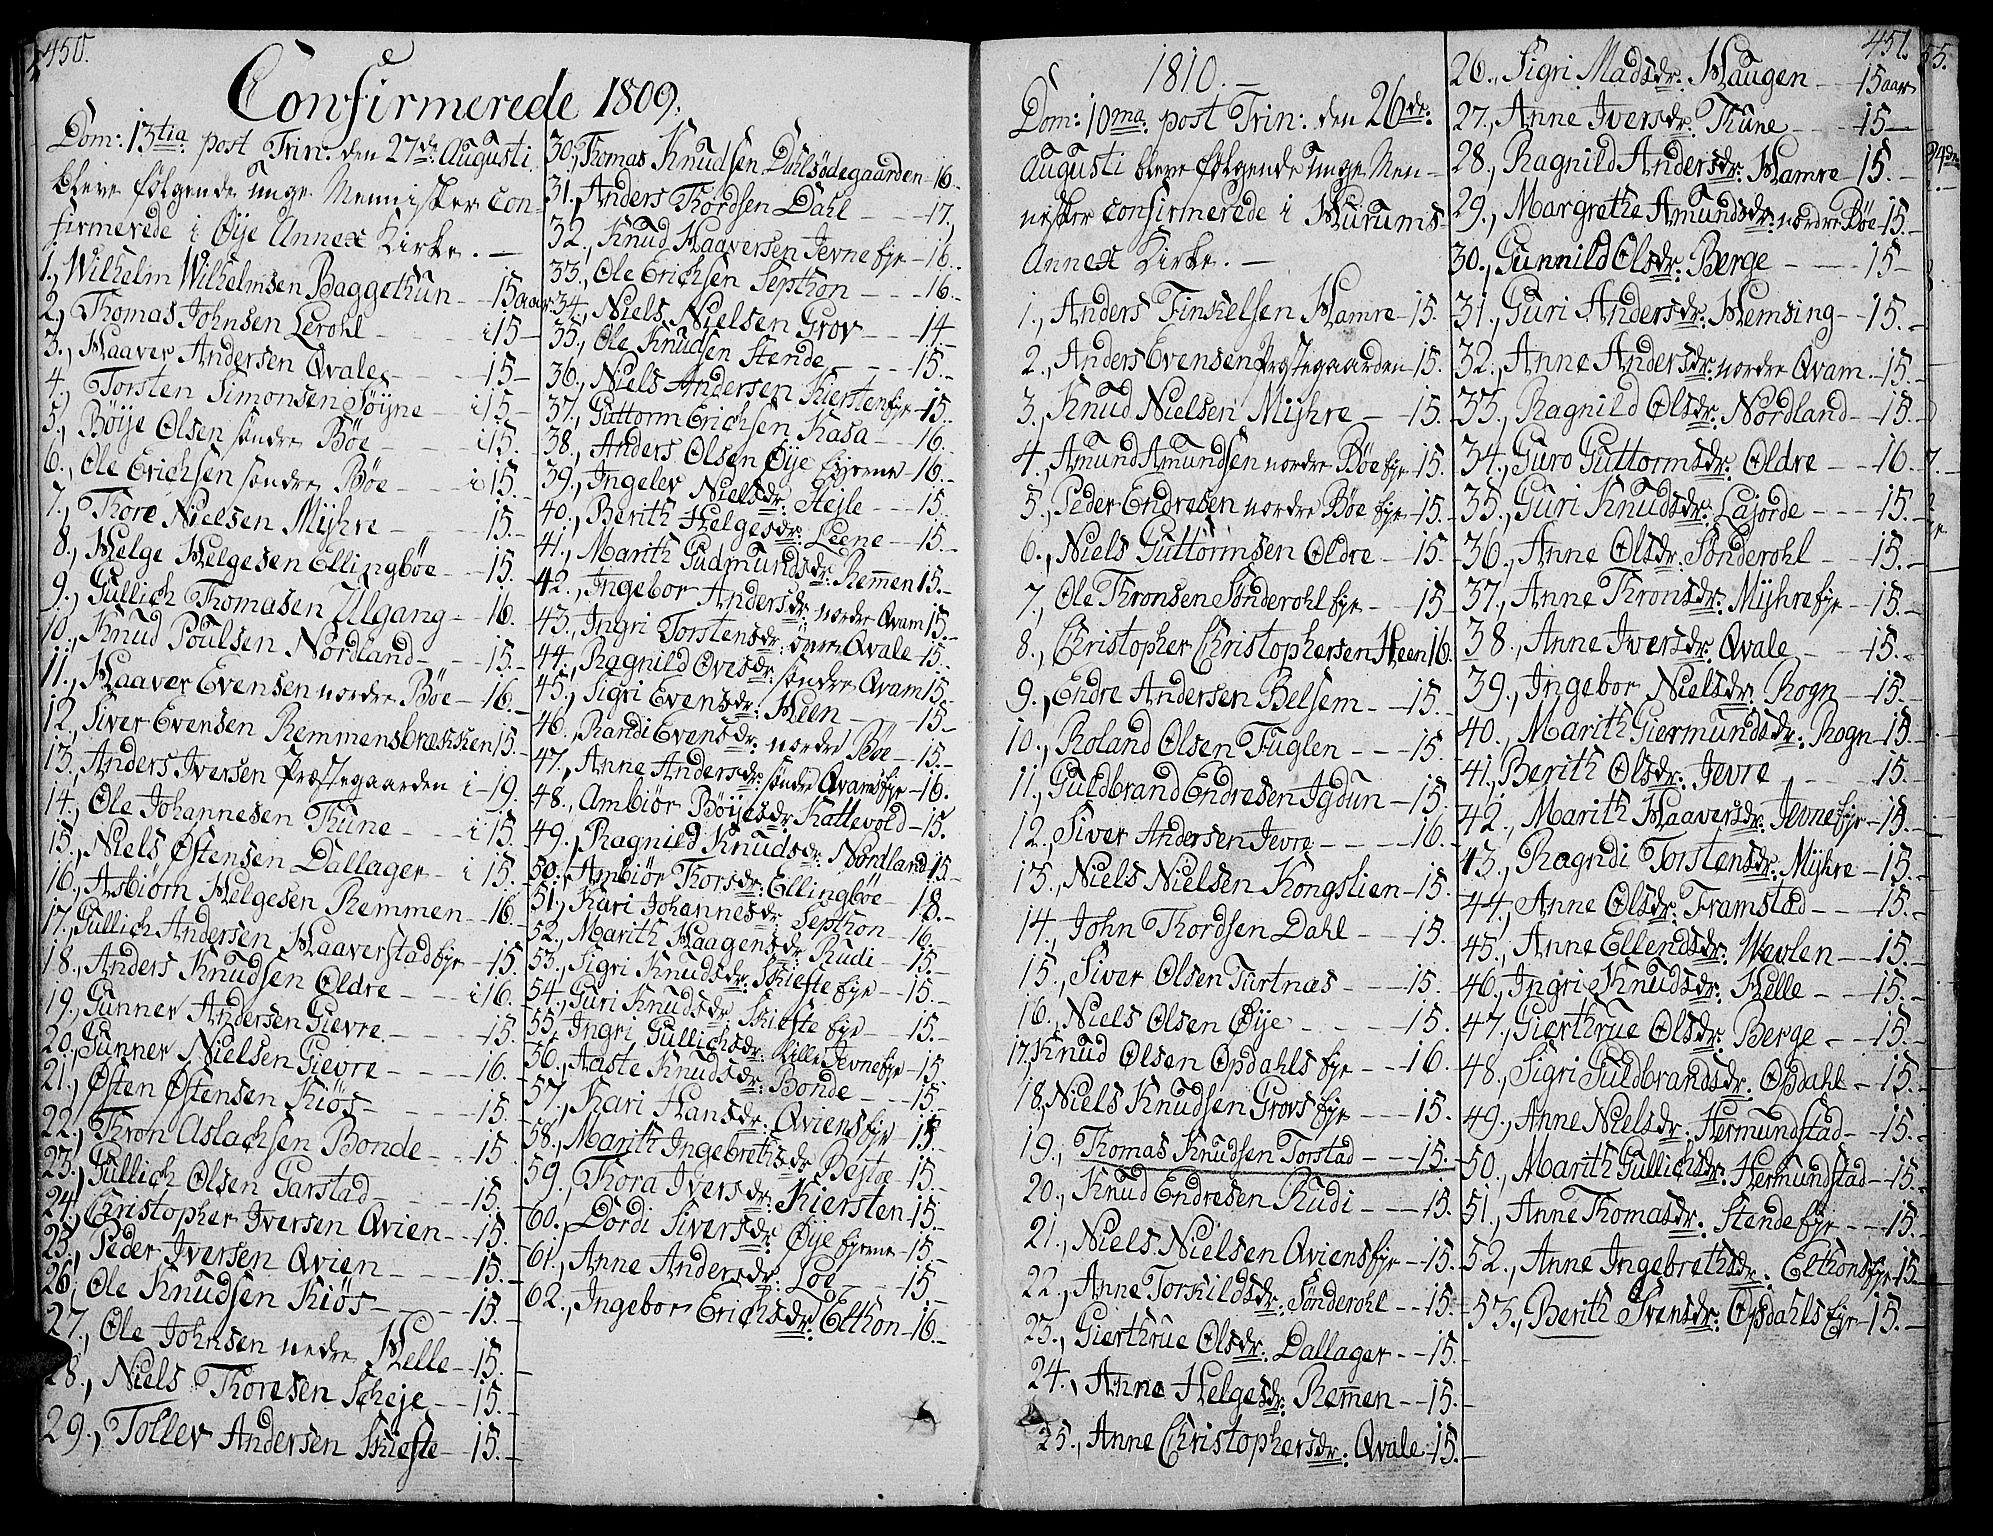 SAH, Vang prestekontor, Valdres, Ministerialbok nr. 3, 1809-1831, s. 450-451